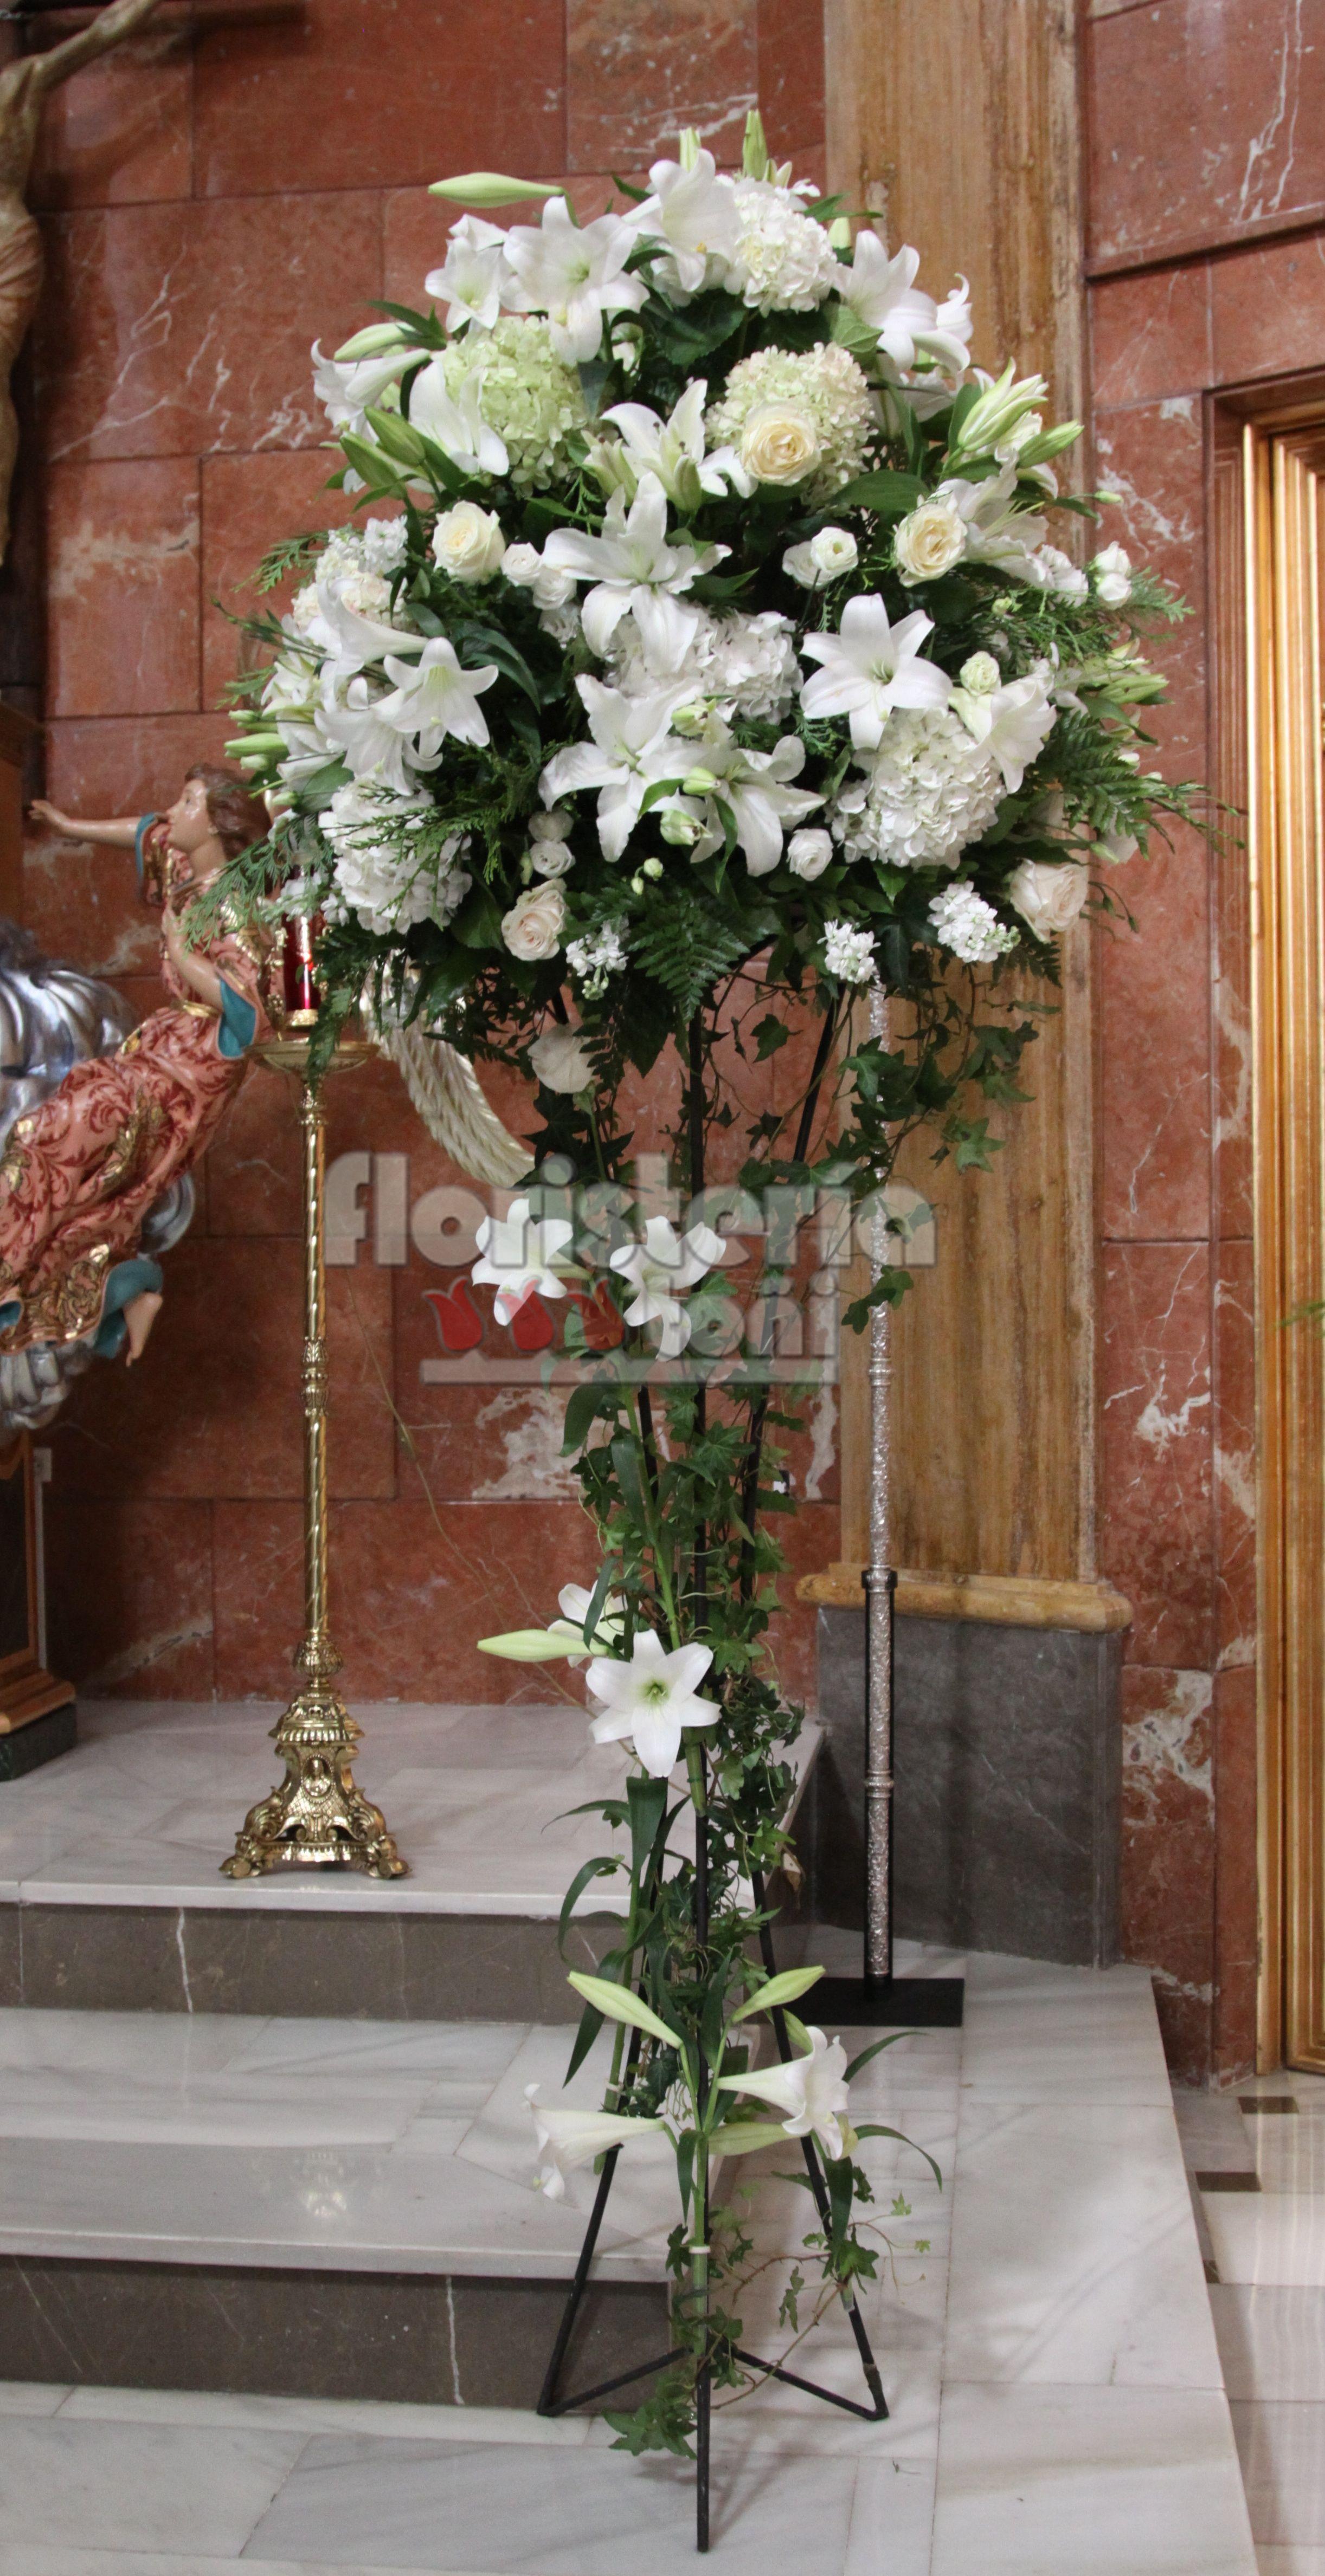 Estructura rbol altar con hortensias decoraciones - Decoracion con hortensias ...